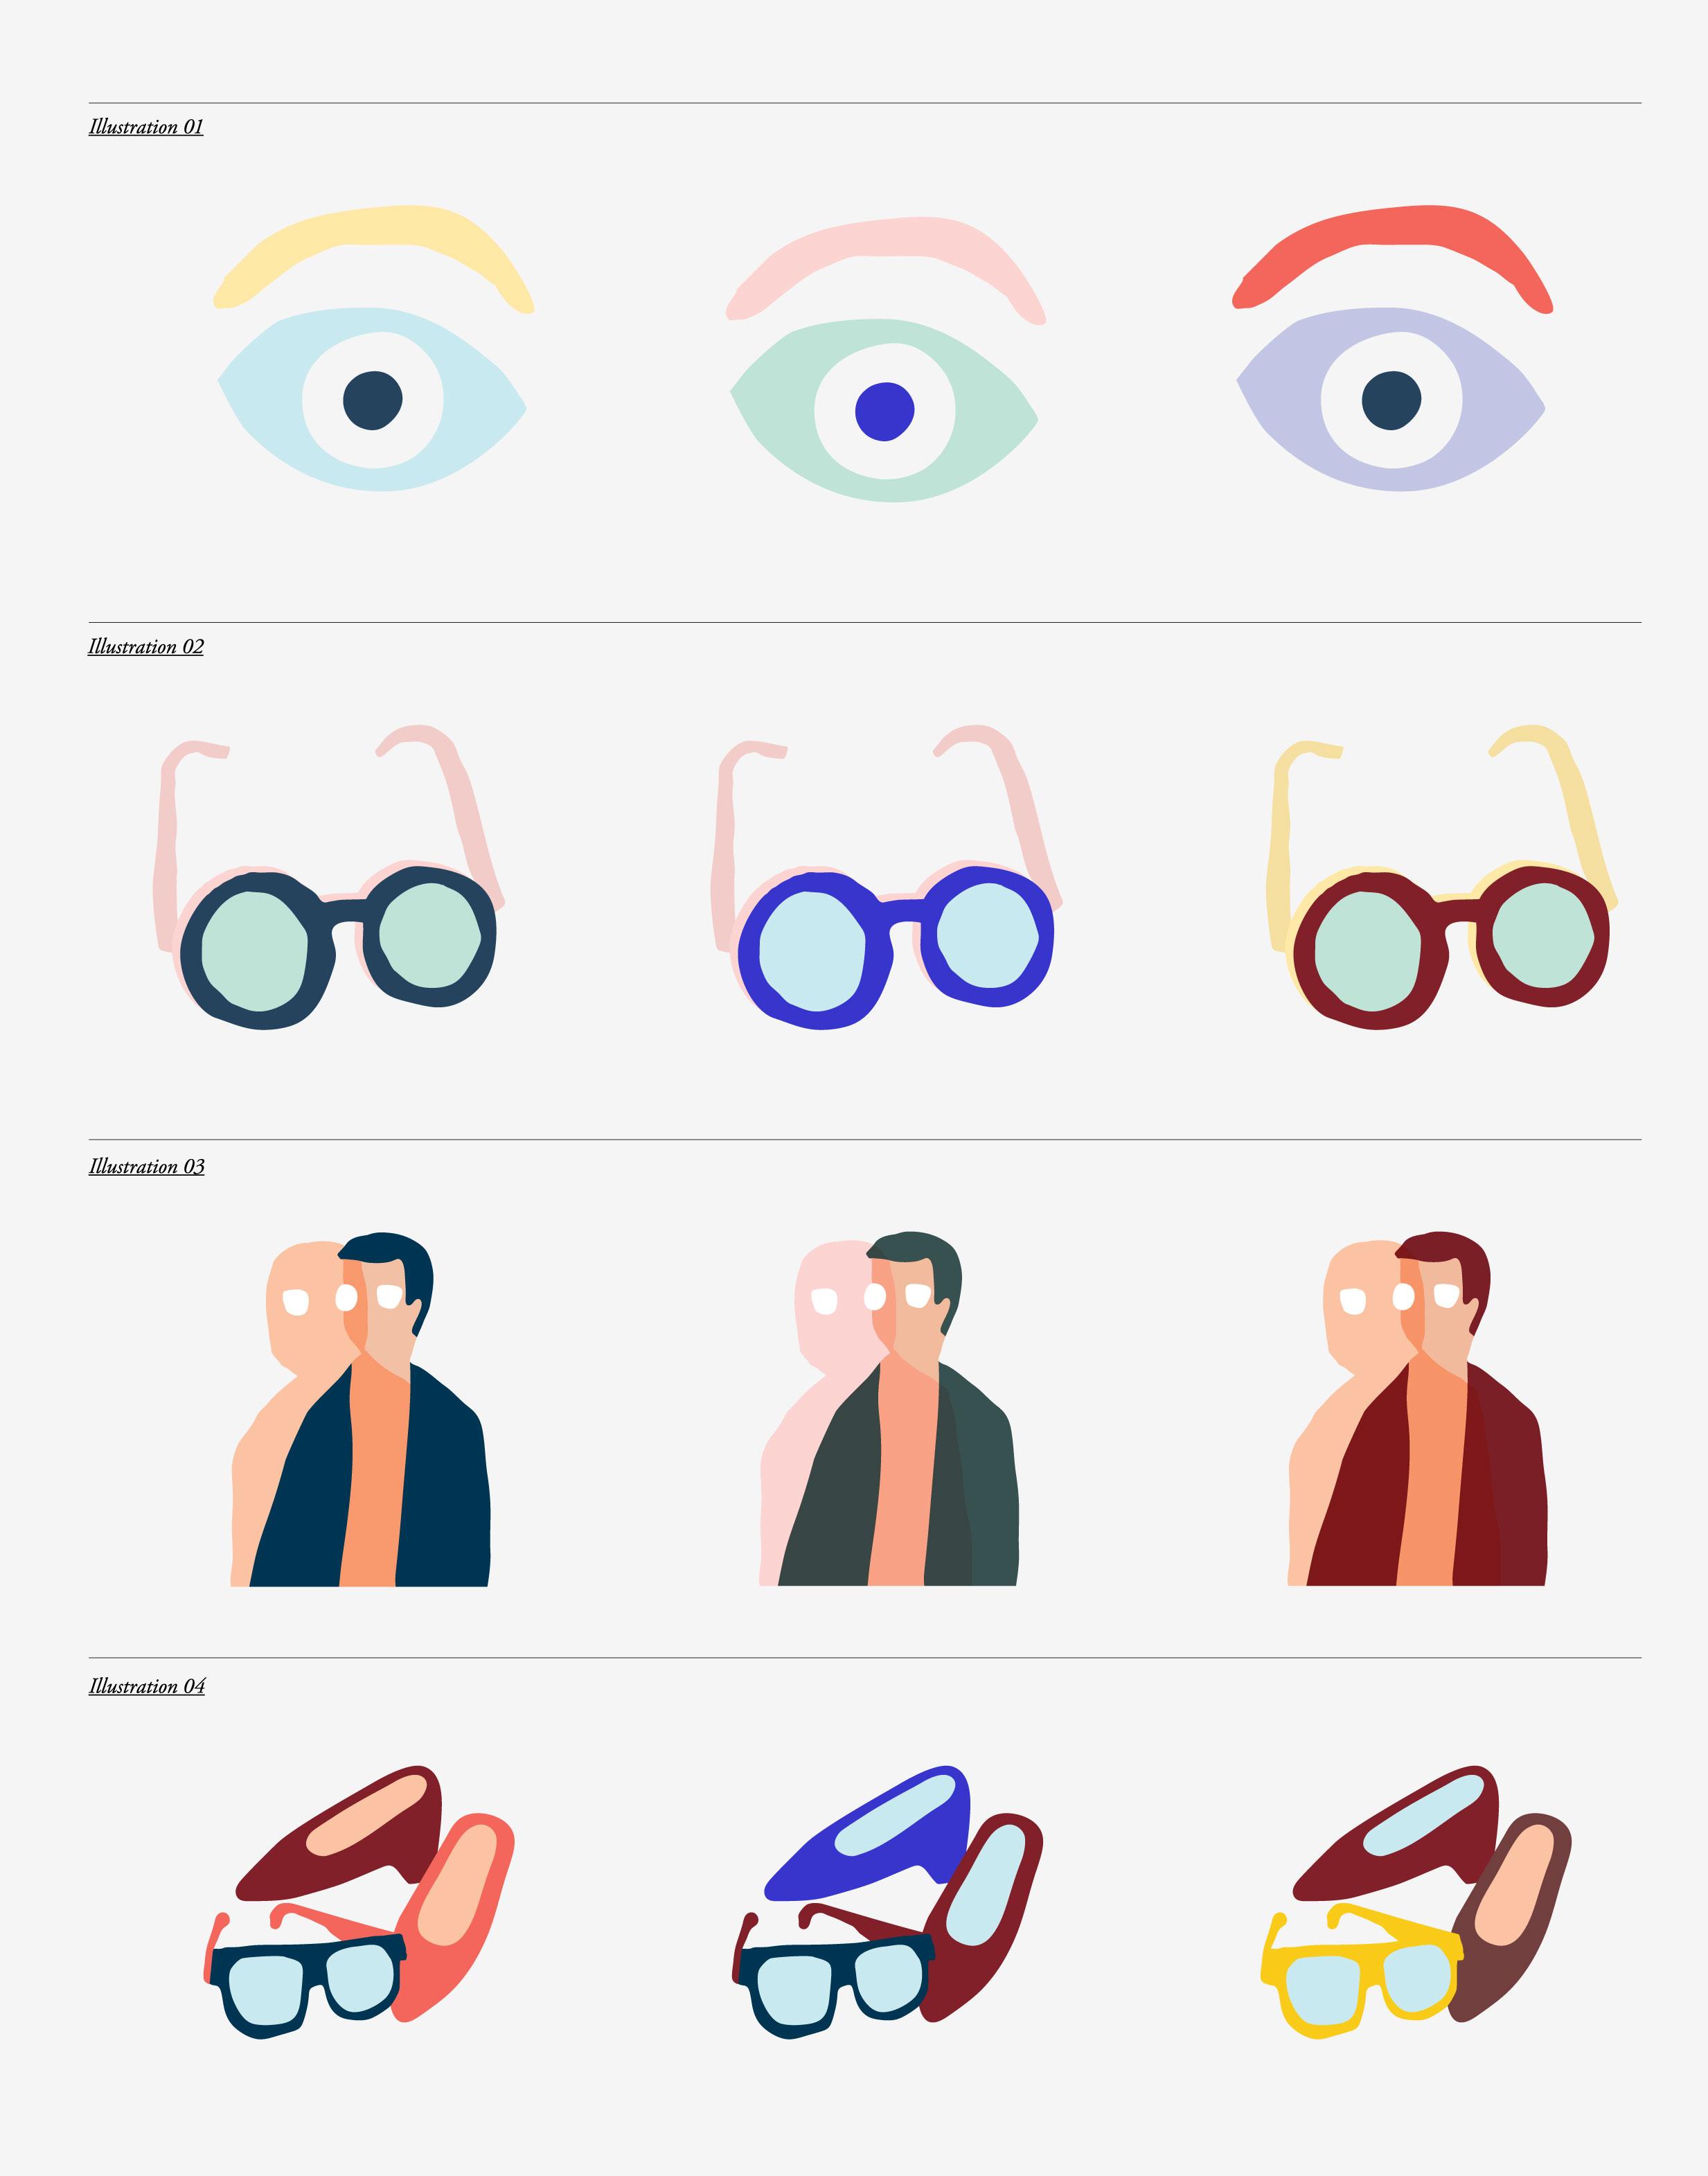 Vlevle-Ito-illustrations.jpg